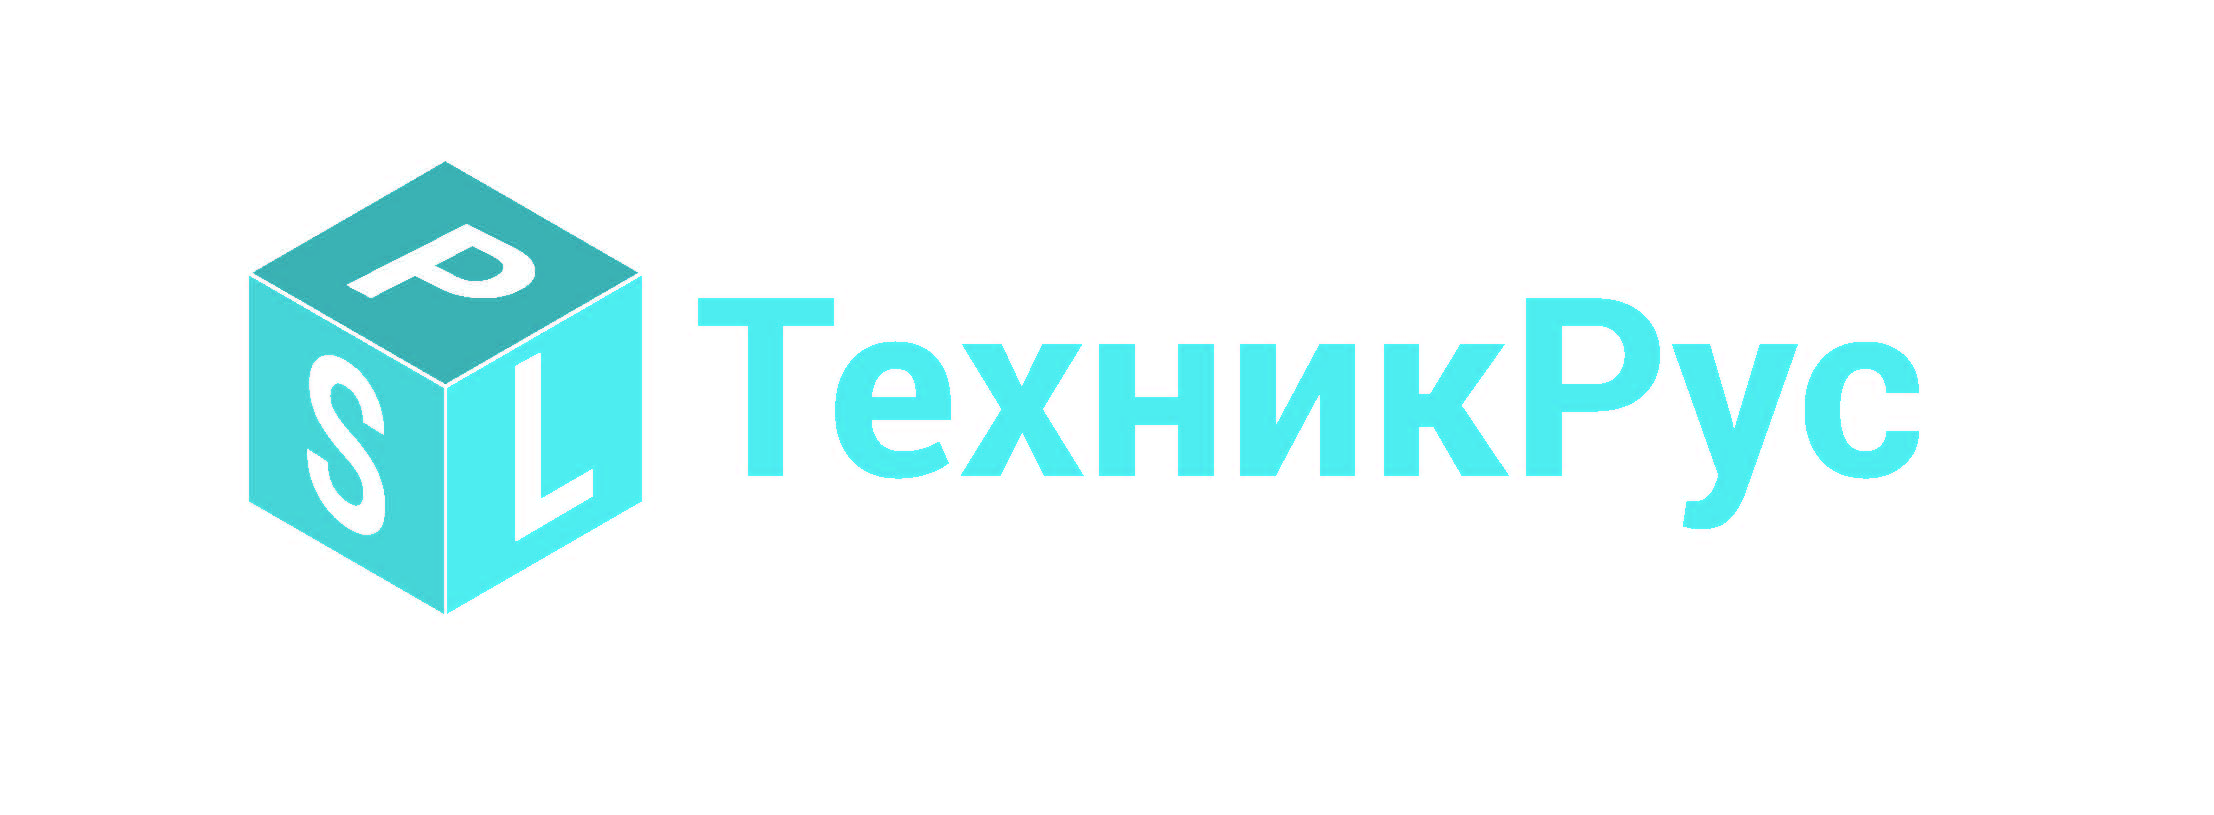 Разработка логотипа и фирменного стиля фото f_68959afc94346f93.jpg